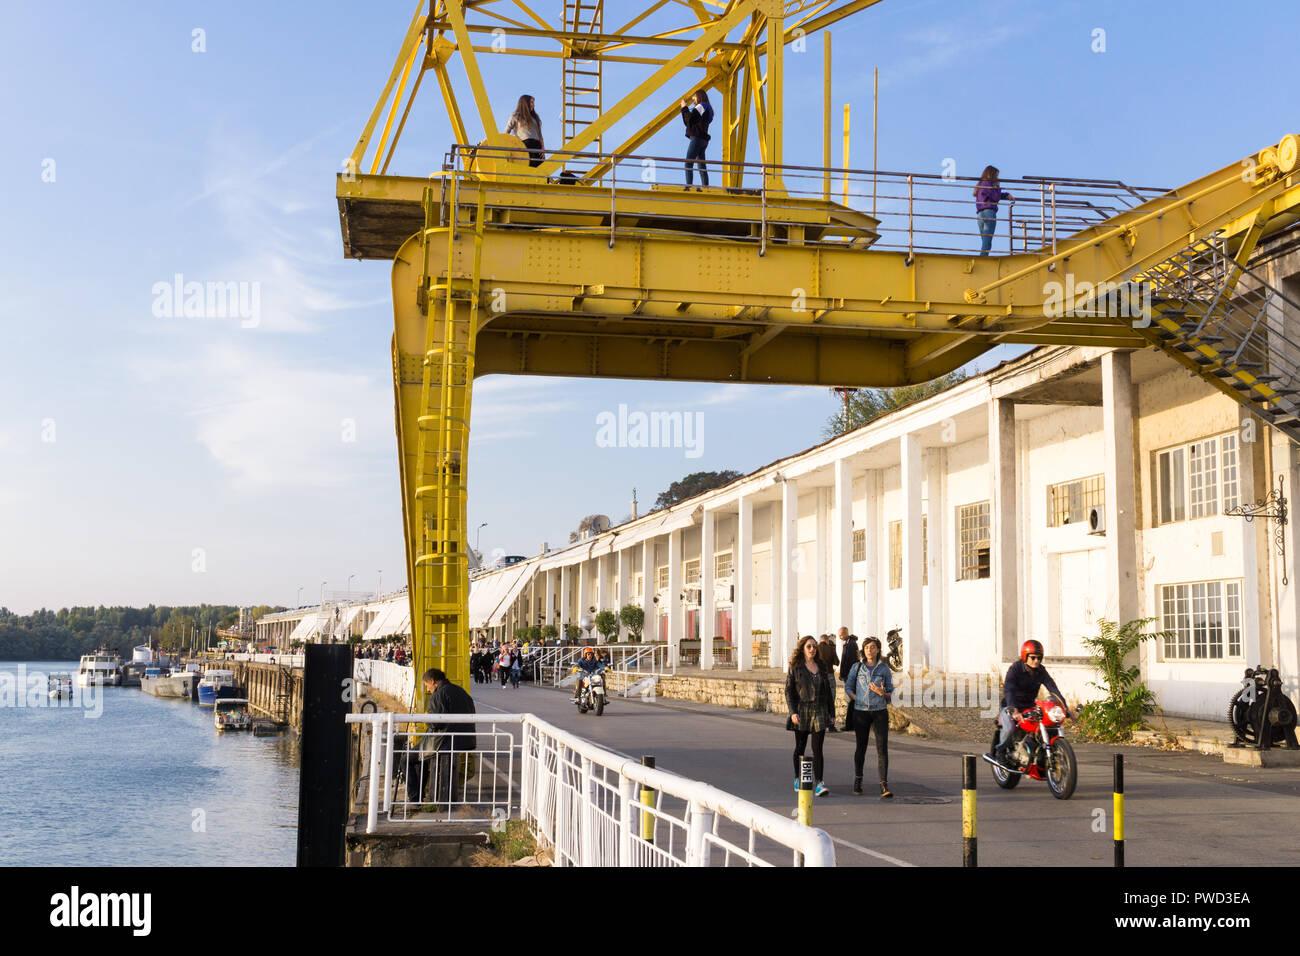 Yellow Crane der Belgrader Hafen auf dem Fluss Sava und der Beton Hala (Beton Halle) im Hintergrund. Stockbild